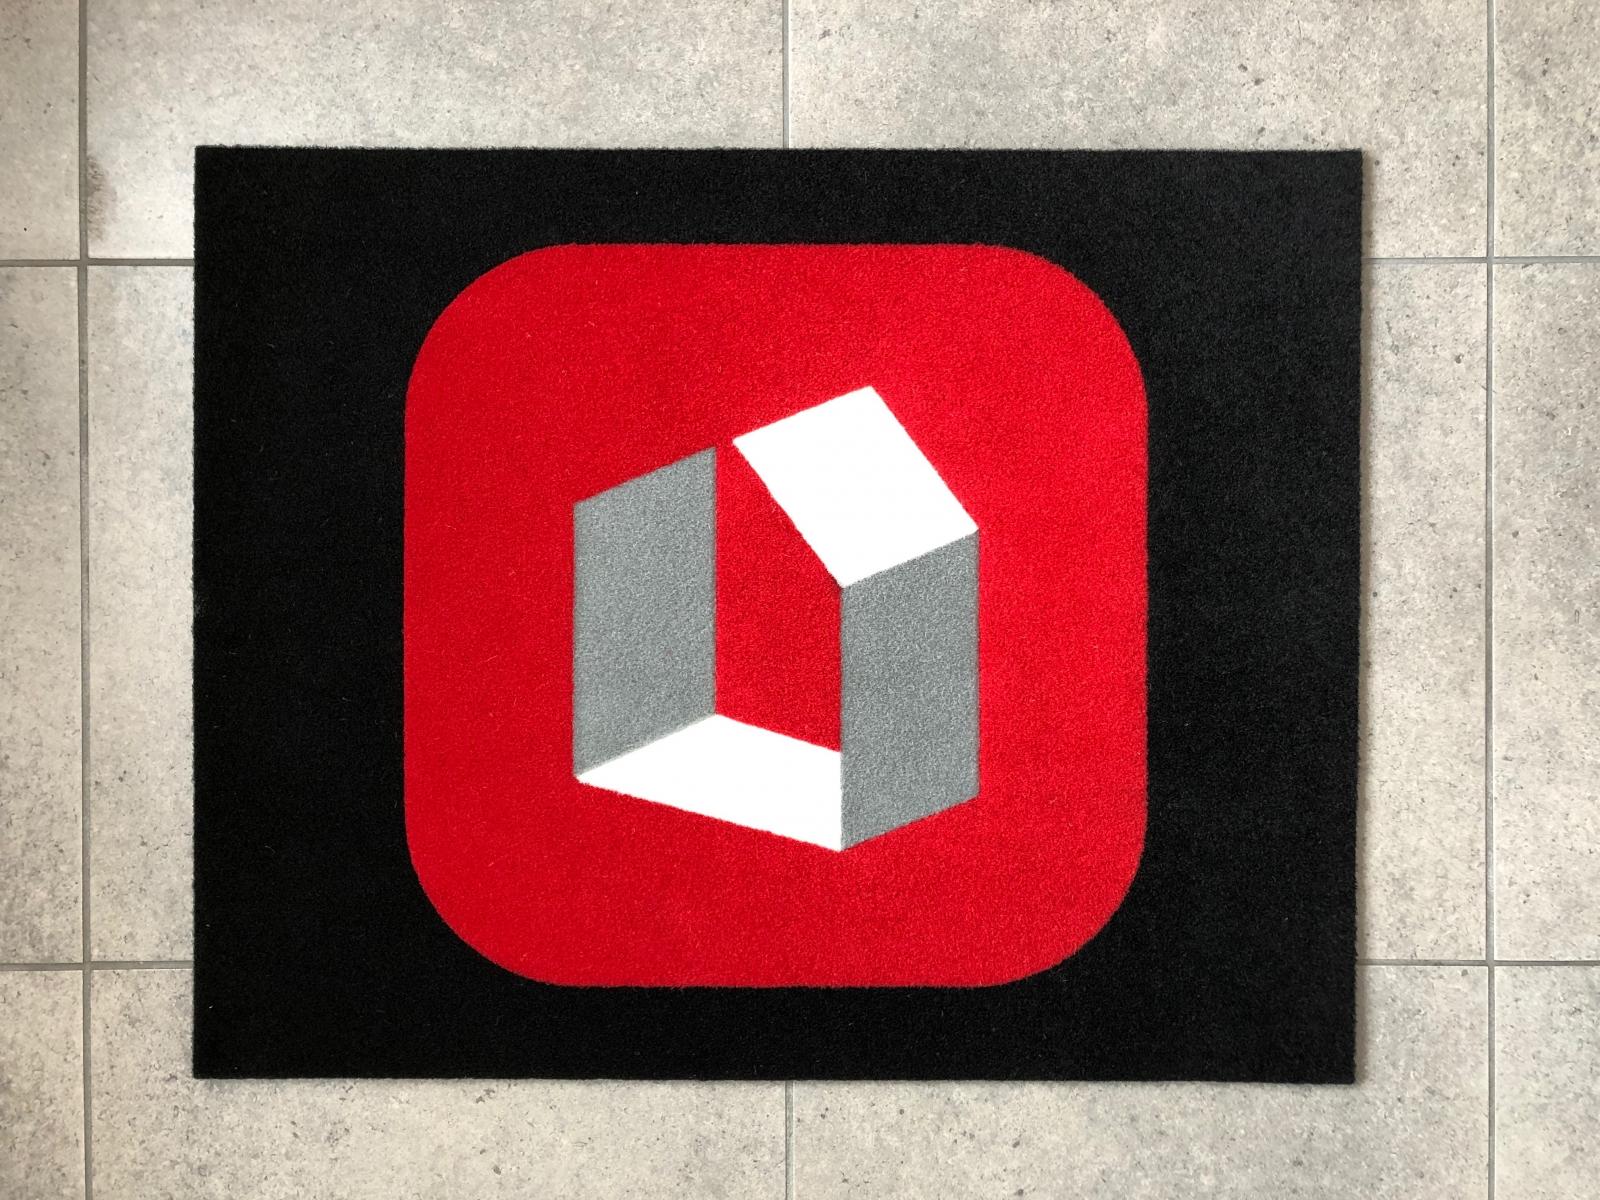 Zerbini personalizzati Treviso, tappeti con logo aziendale